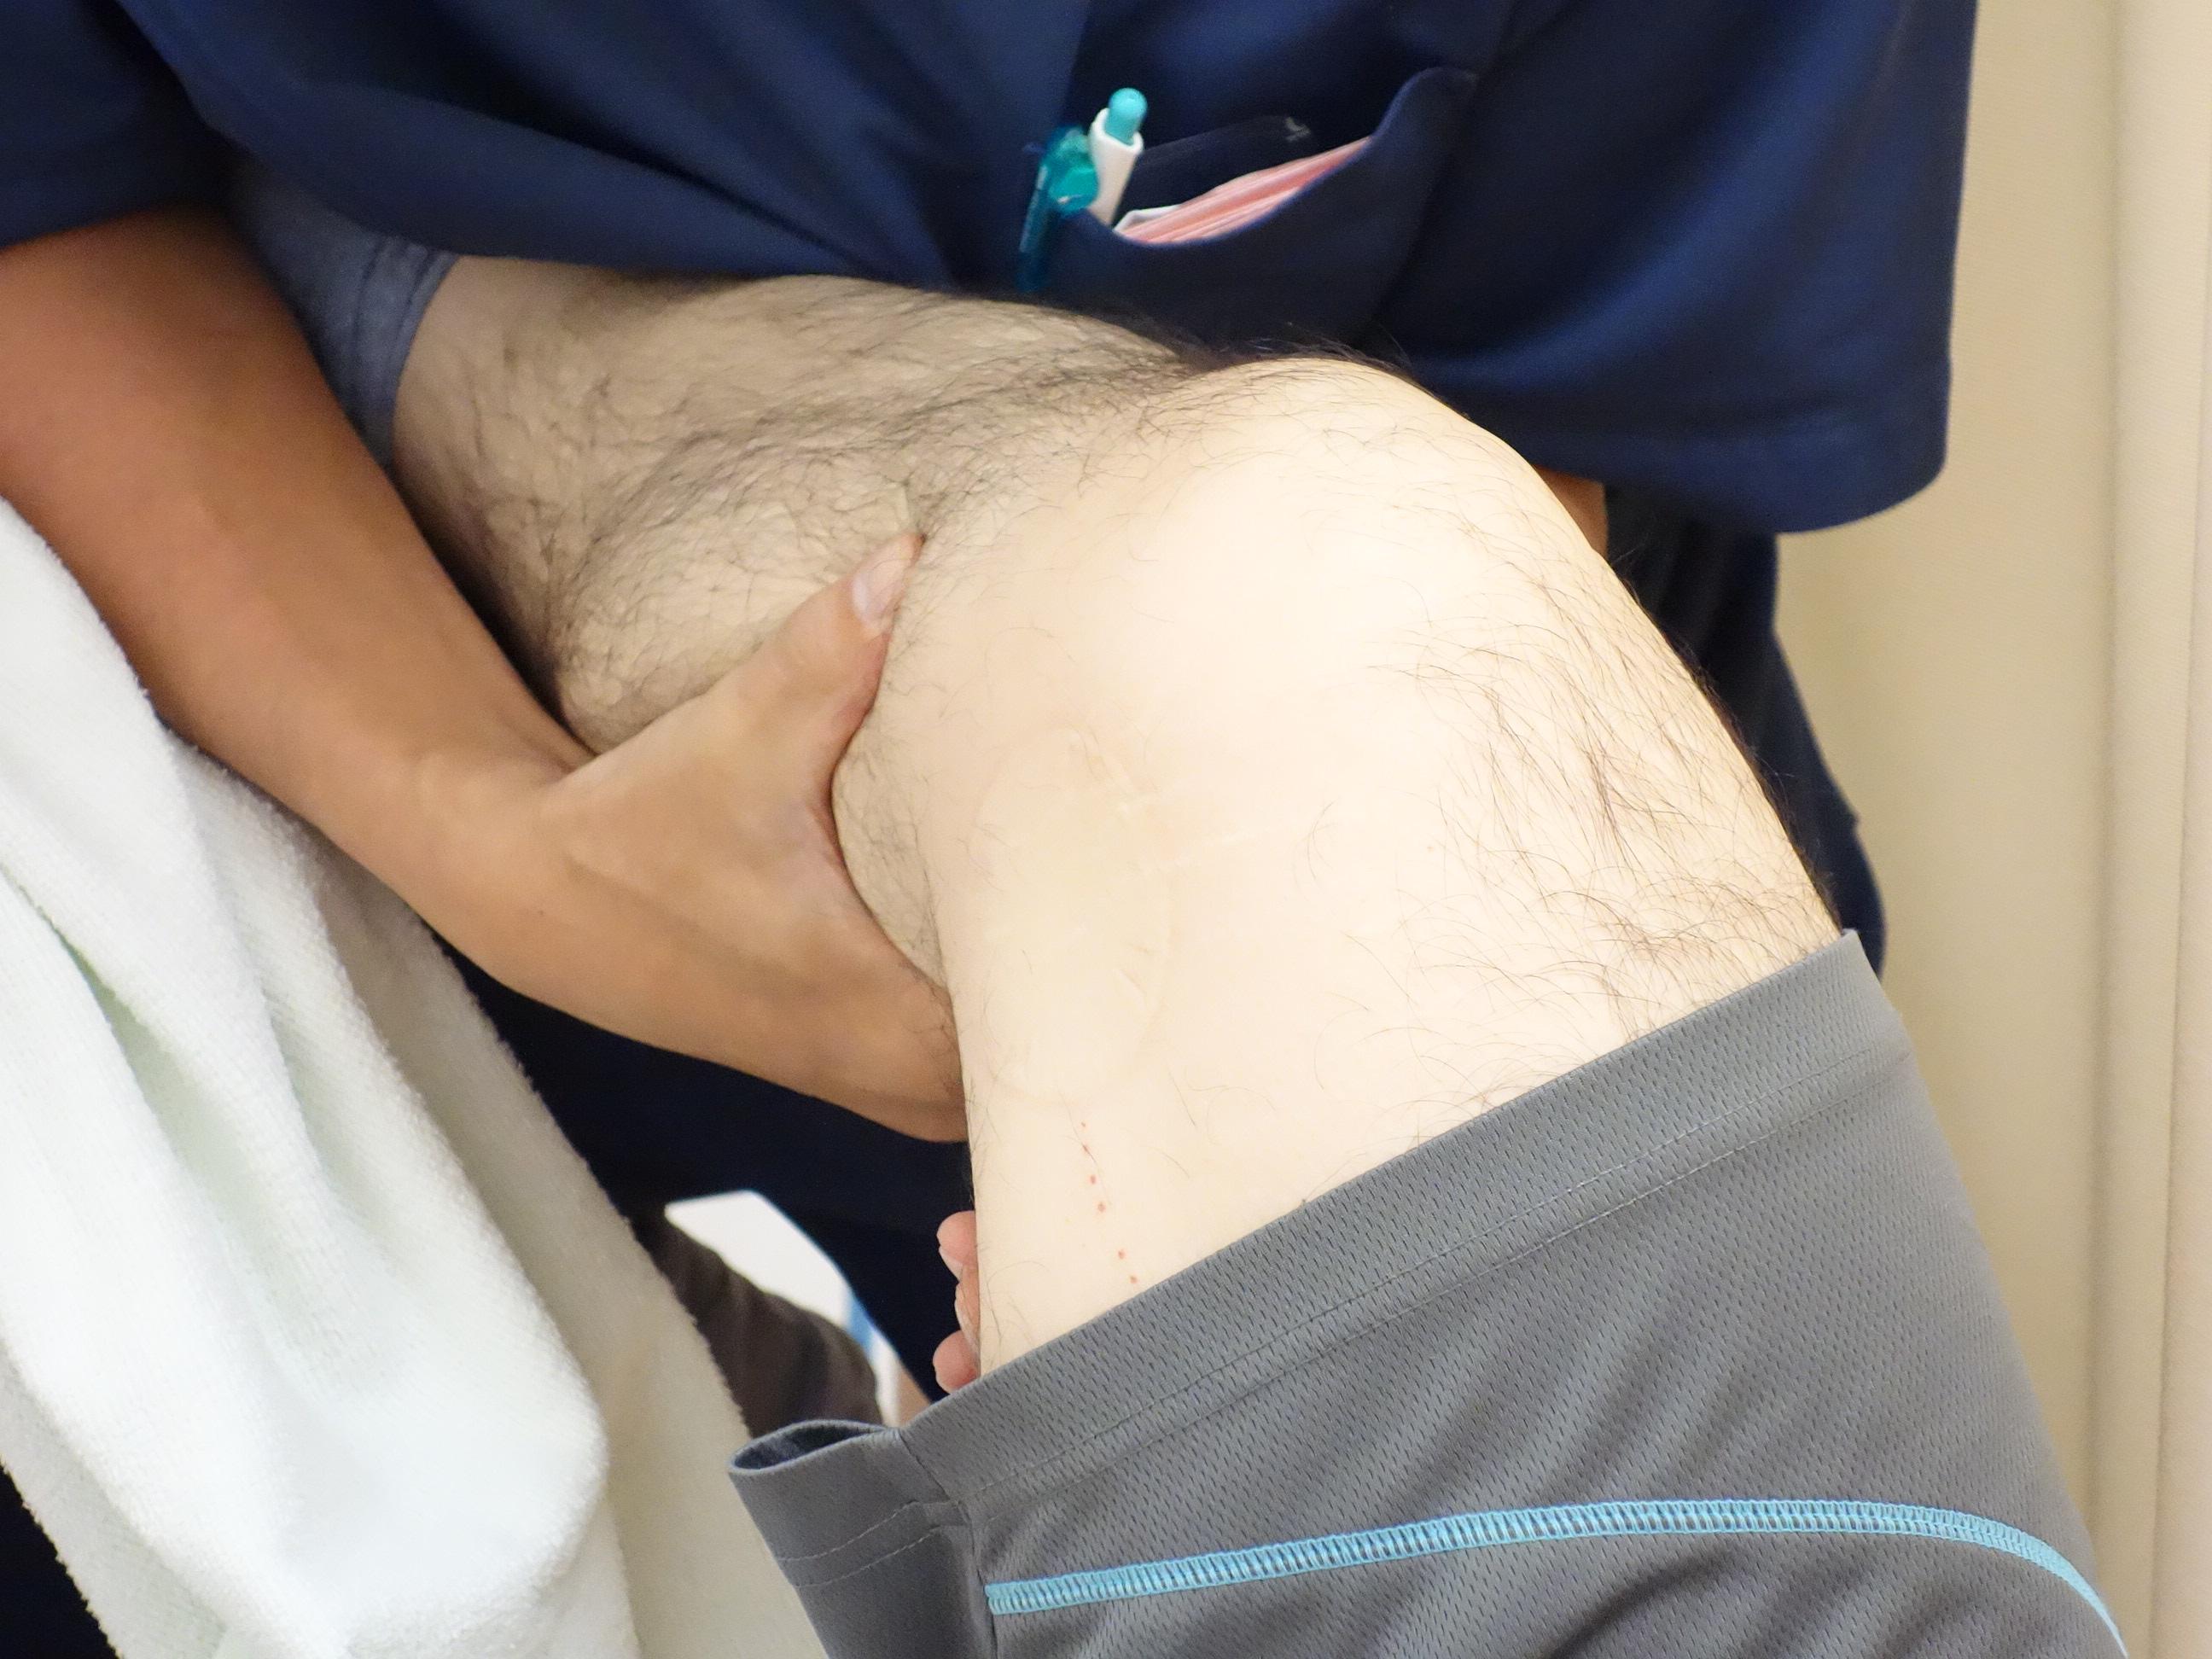 横浜の治療院での膝が痛い人の治療風景の写真